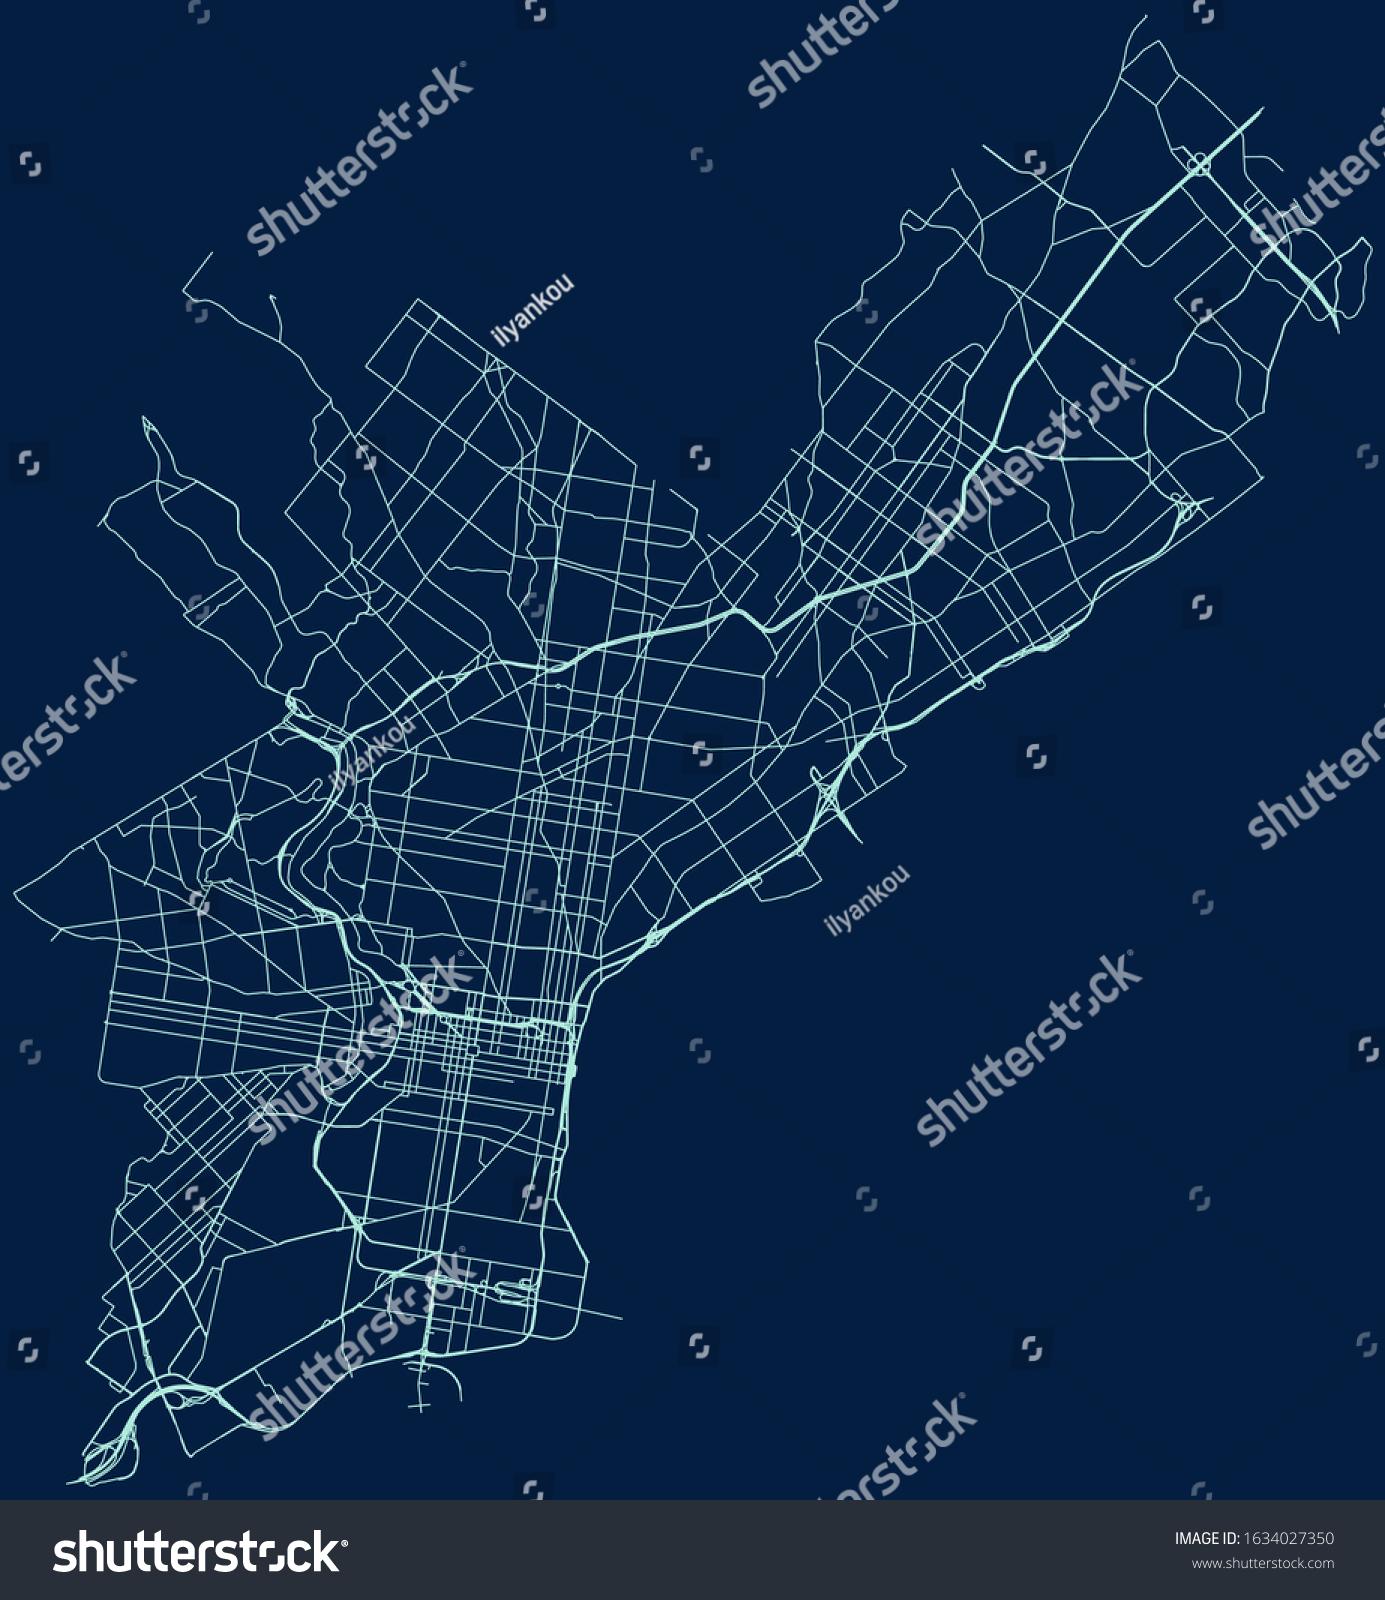 Image of: Vector De Stock Libre De Regalias Sobre Road Map Philadelphia Pennsylvania Usa1634027350